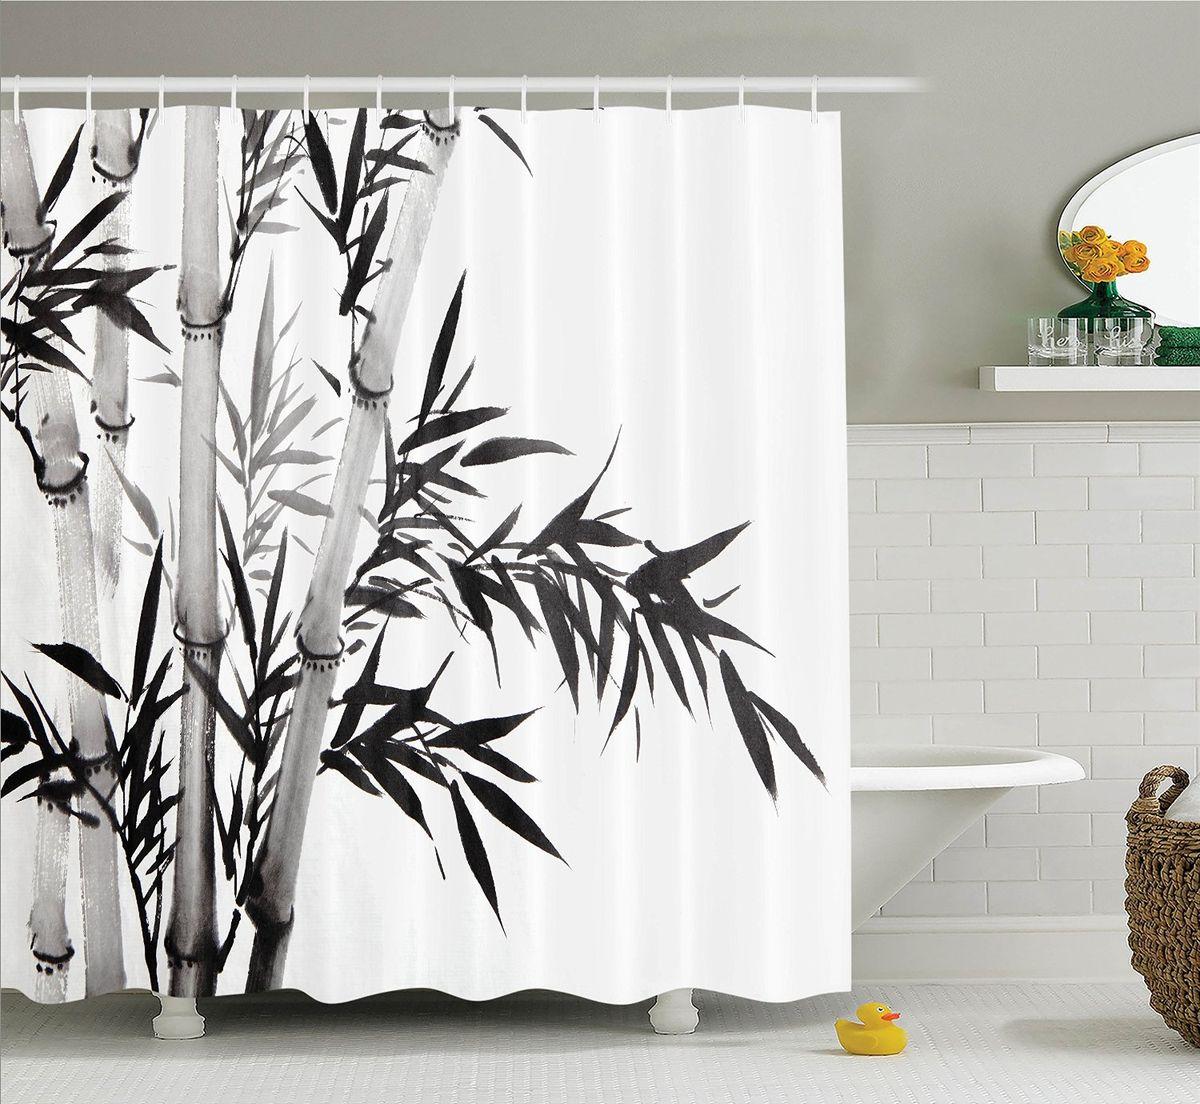 """Штора Magic Lady """"Стебли и листья бамбука"""", изготовленная из высококачественного сатена (полиэстер 100%), отлично дополнит любой интерьер ванной комнаты. При изготовлении используются специальные гипоаллергенные чернила для прямой печати по ткани, безопасные для человека.    В комплекте: 1 штора, 12 крючков. Обращаем ваше внимание, фактический цвет изделия может незначительно отличаться от представленного на фото."""